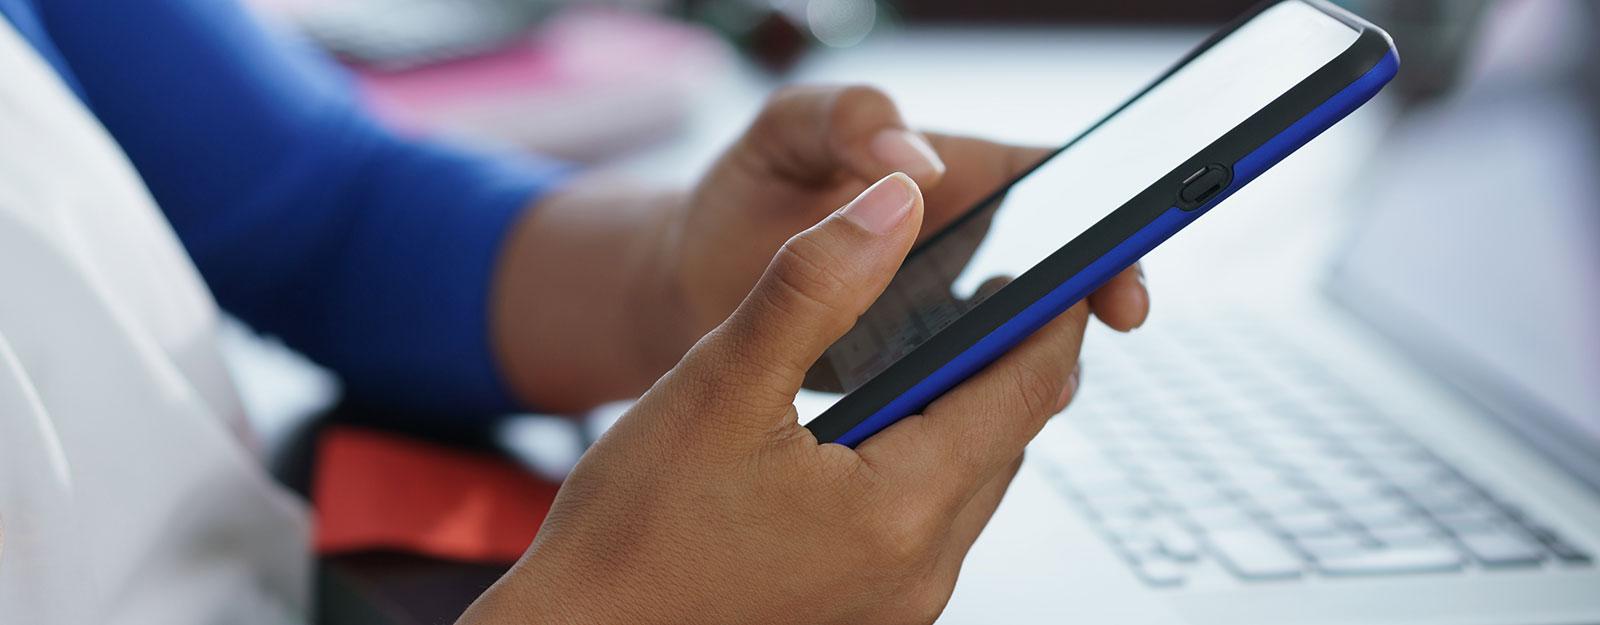 jeunes femmes tapant sur un smartphone bleu et noir avec ordinateur portable et cahiers en arrière-plan